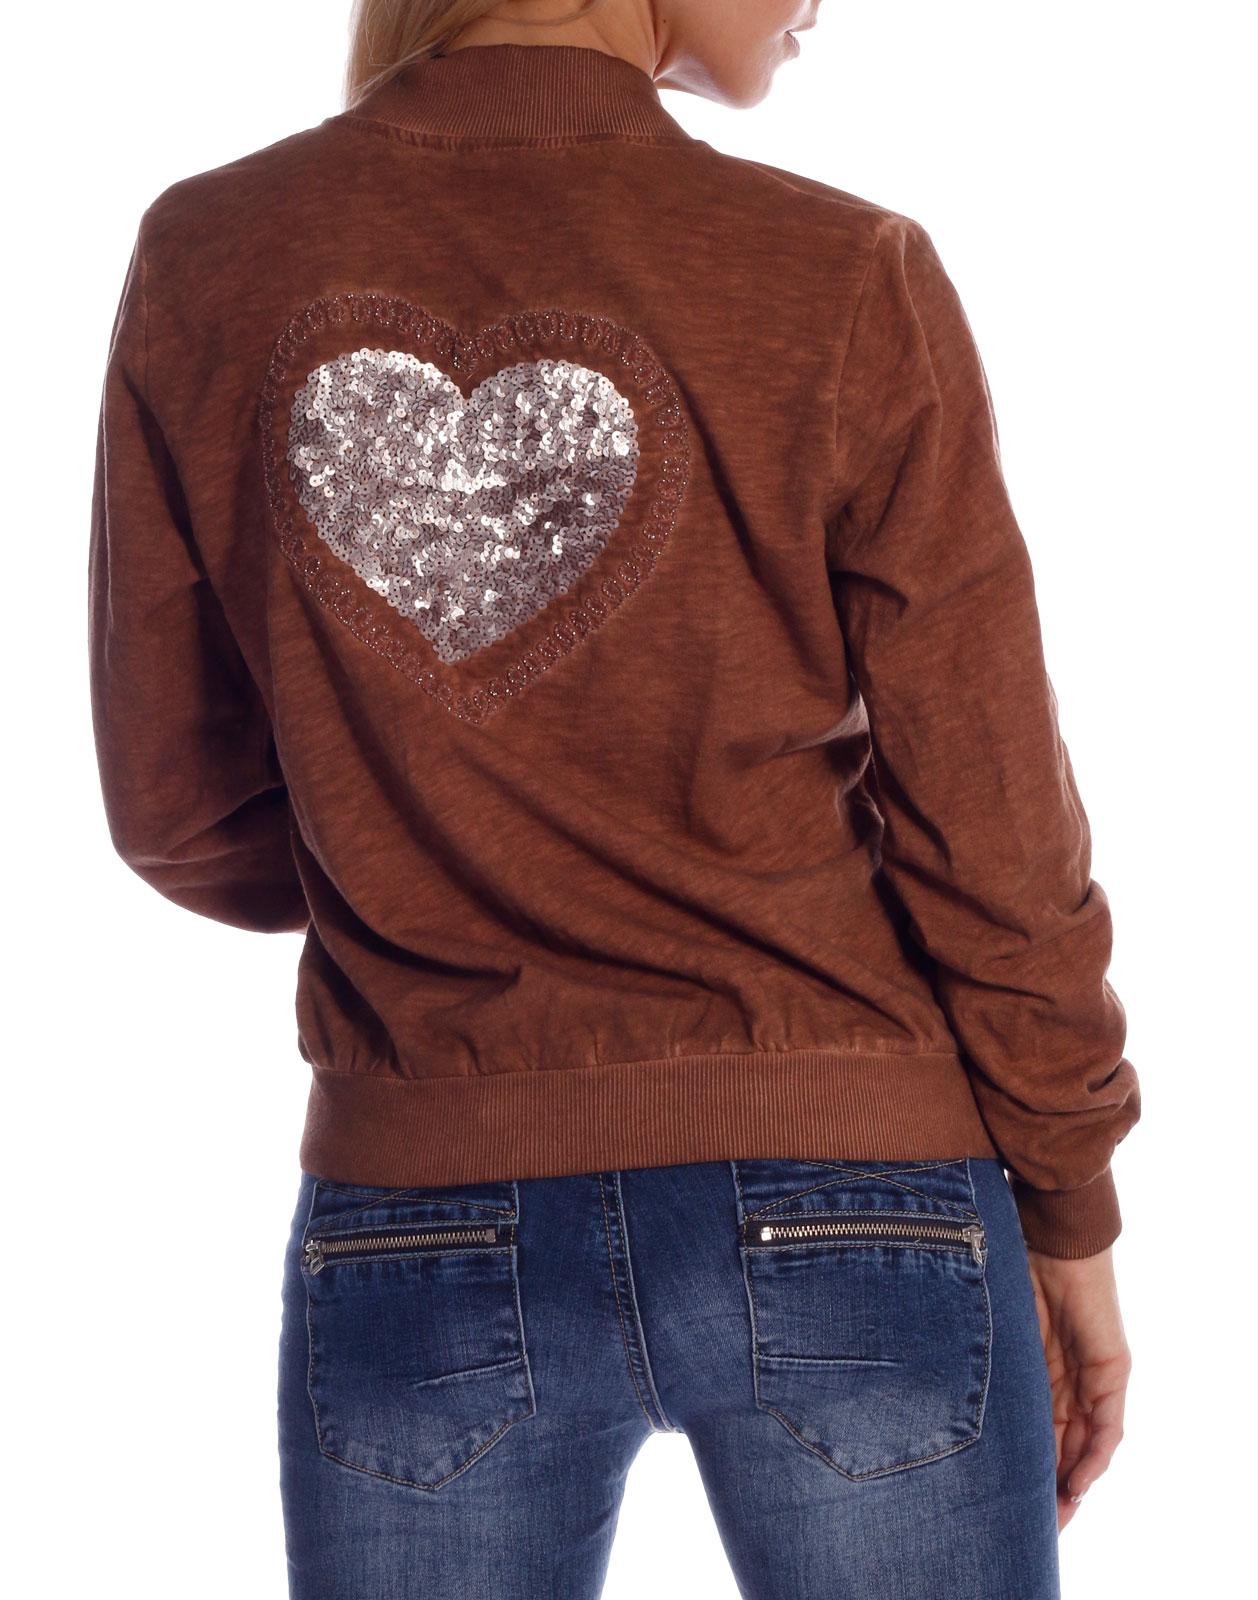 Niedriger Verkaufspreis am besten geliebt Top-Mode Cardigan Blouson im Vintagestyle Rostbraun mit Pailletten Herz auf dem  Rücken